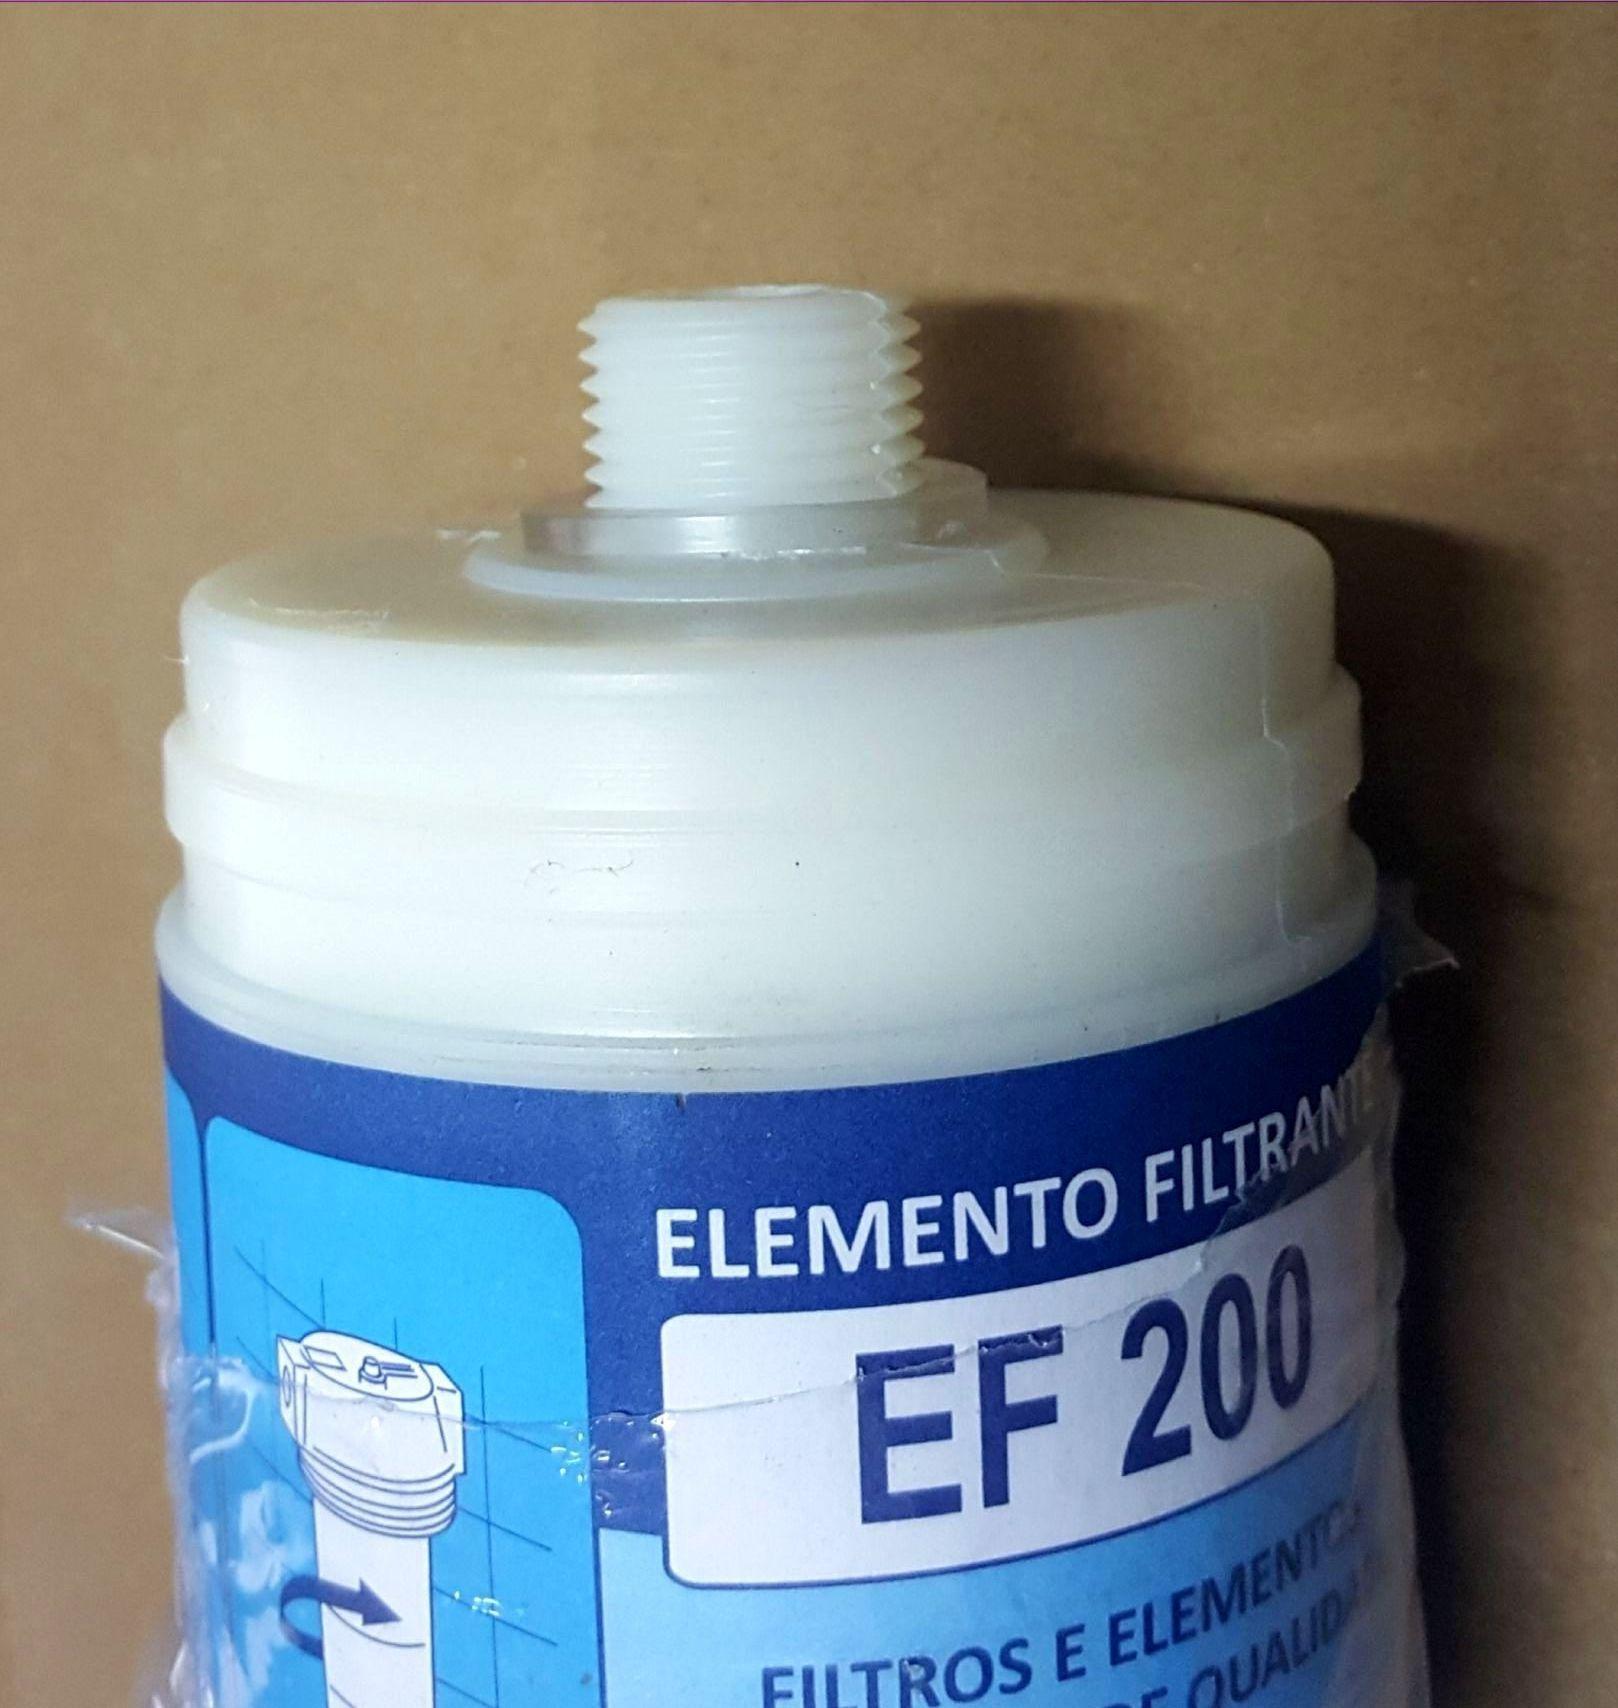 Refil Elemento Filtrante EF 200 para Purificadores e Bebedouros